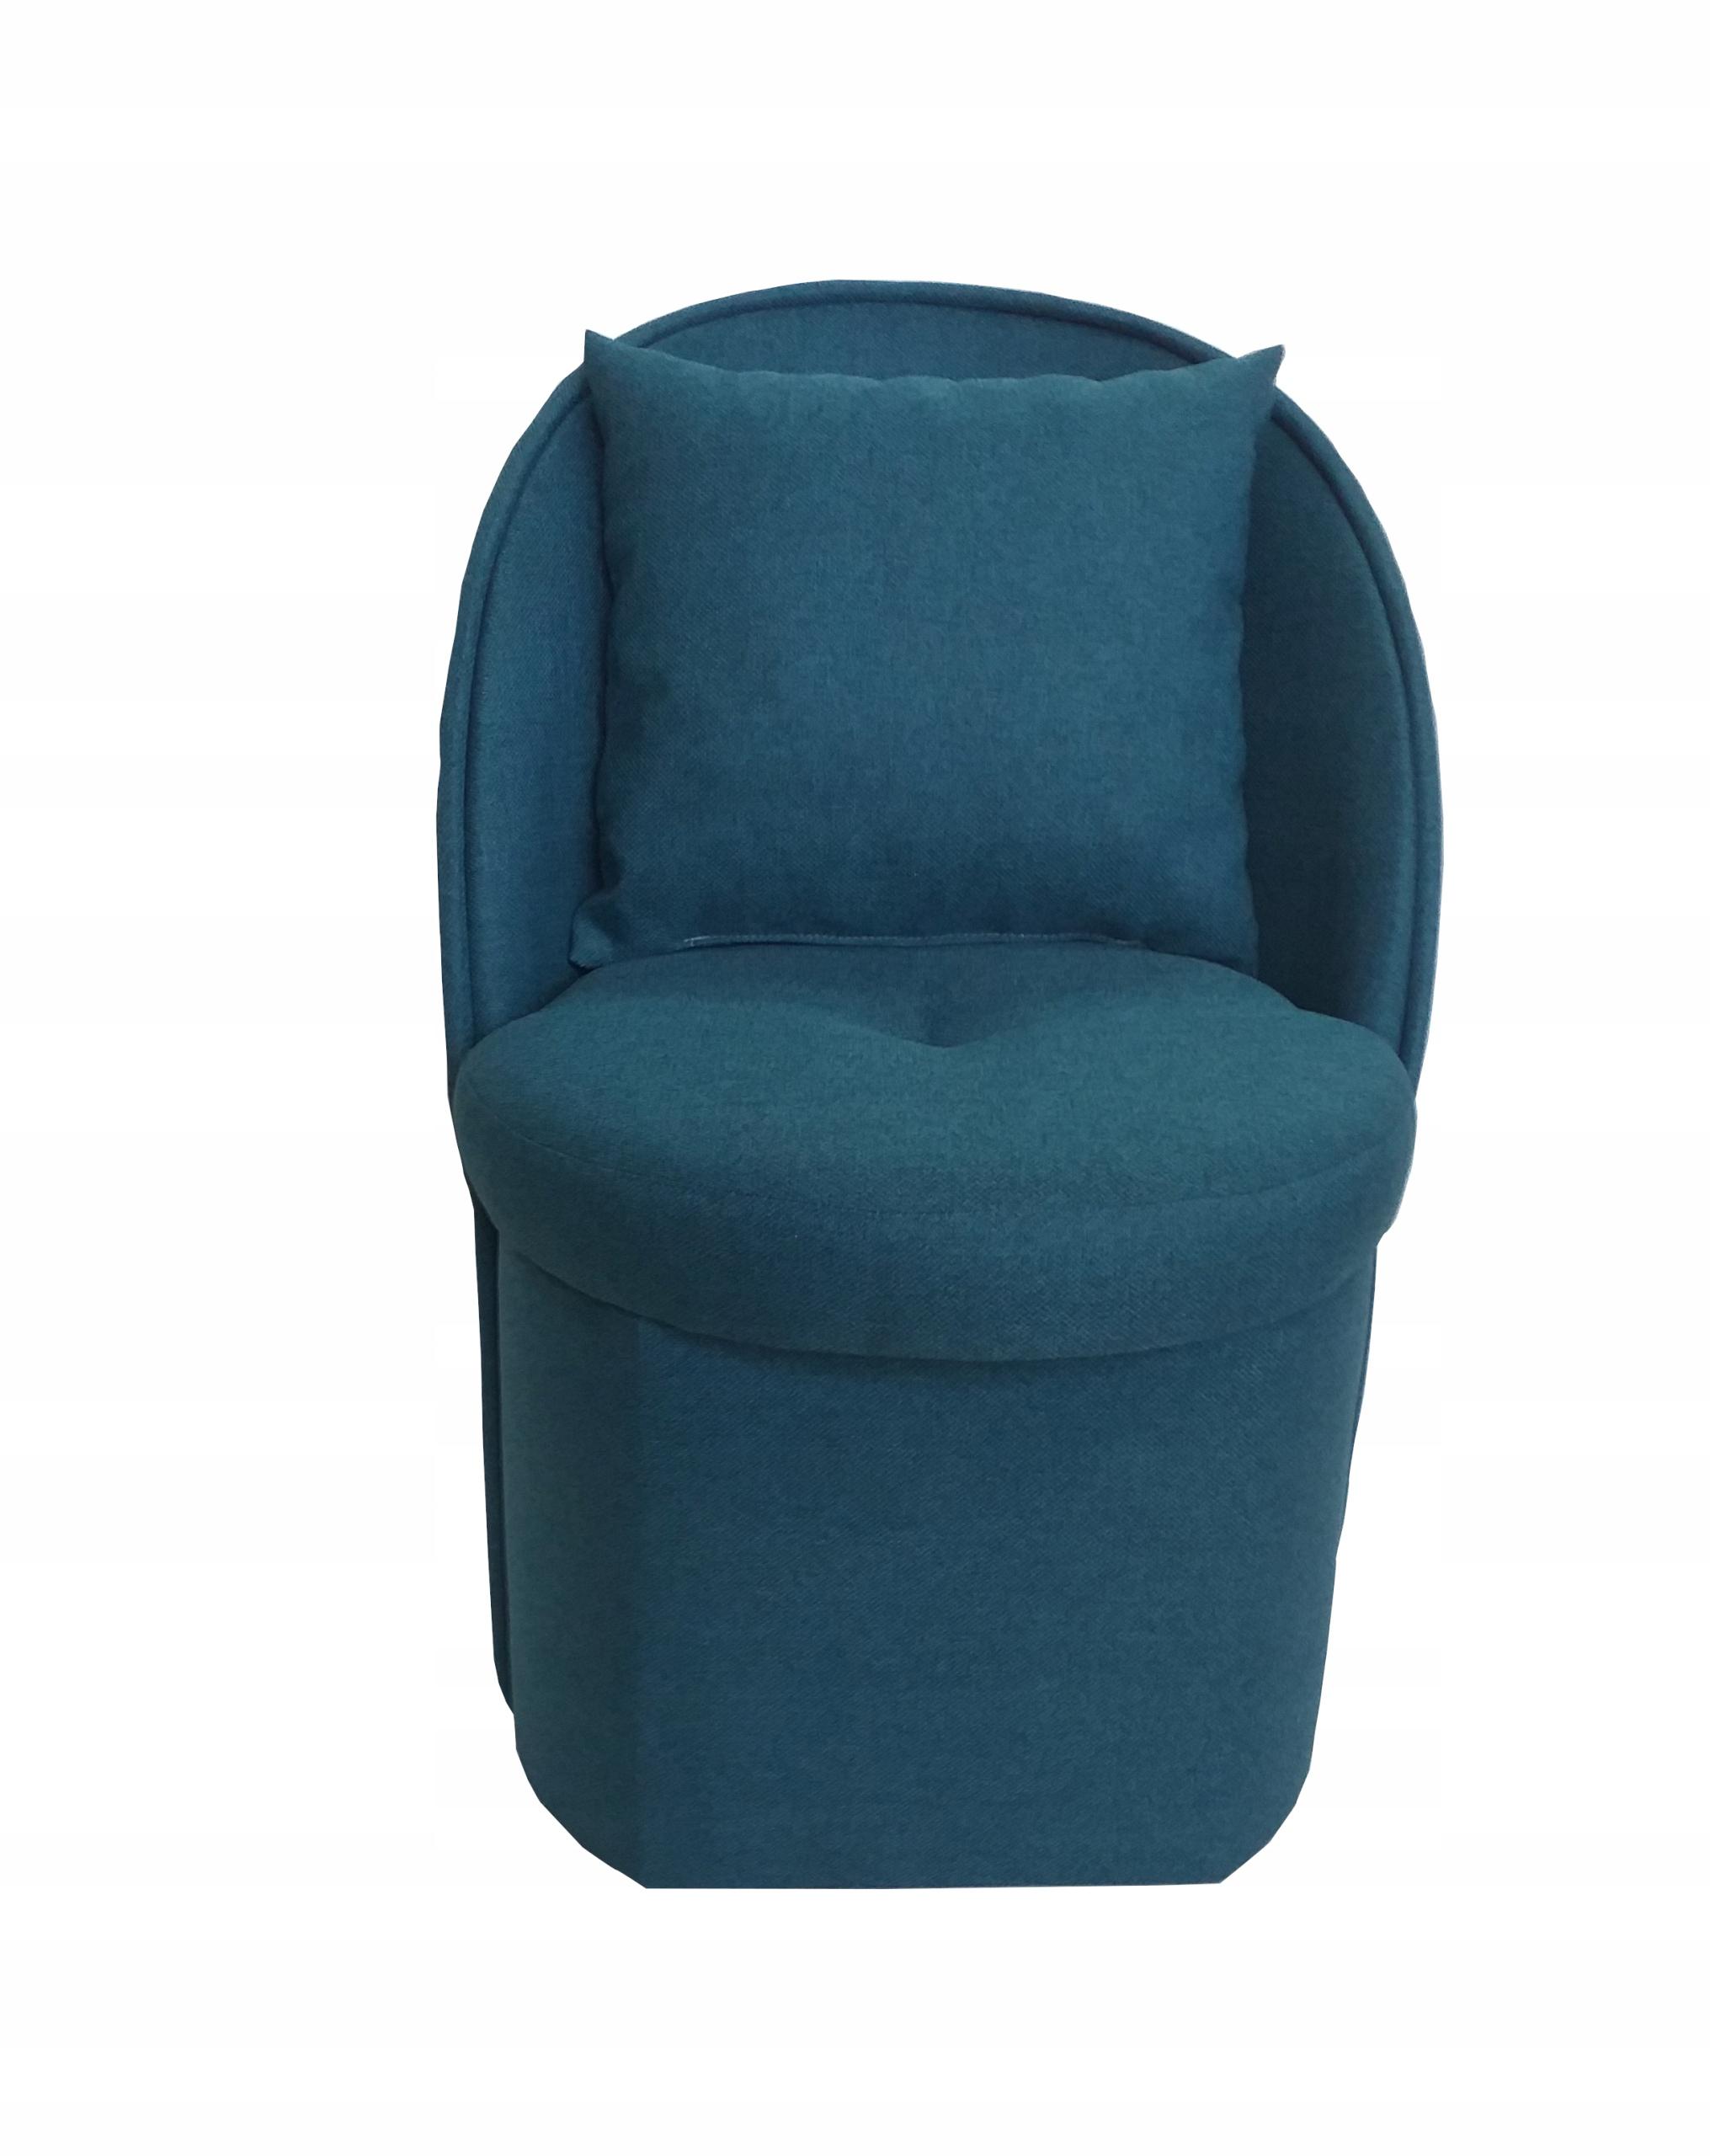 кресло кресло раковина пуф со спинкой + бесплатно